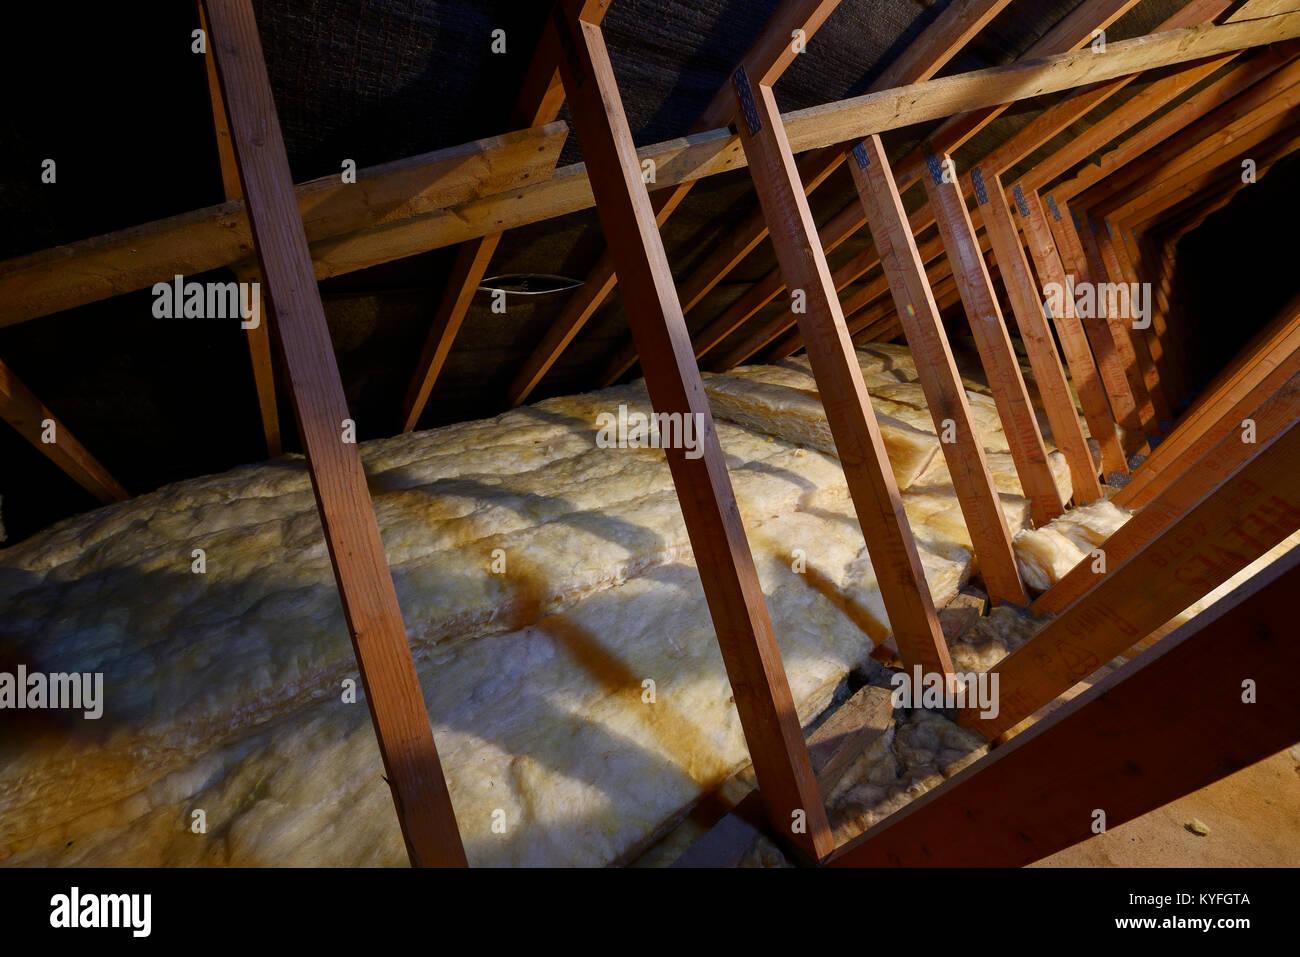 Innenraum Eines Inlandischen Dachboden Die Die Dachkonstruktion